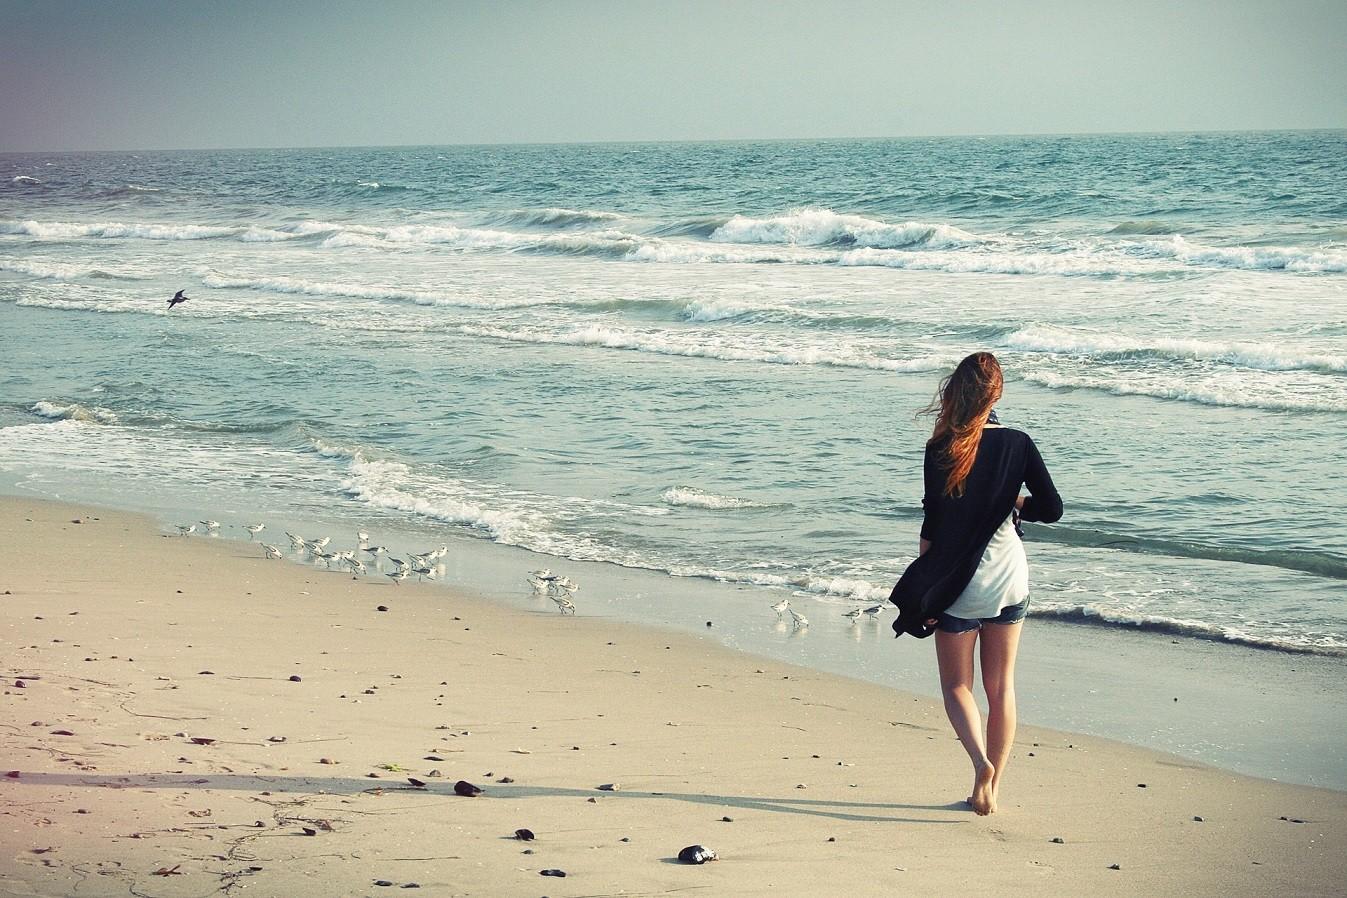 beach woman 1347X742 - Bienvenue sur Rentiers Anonymes shop